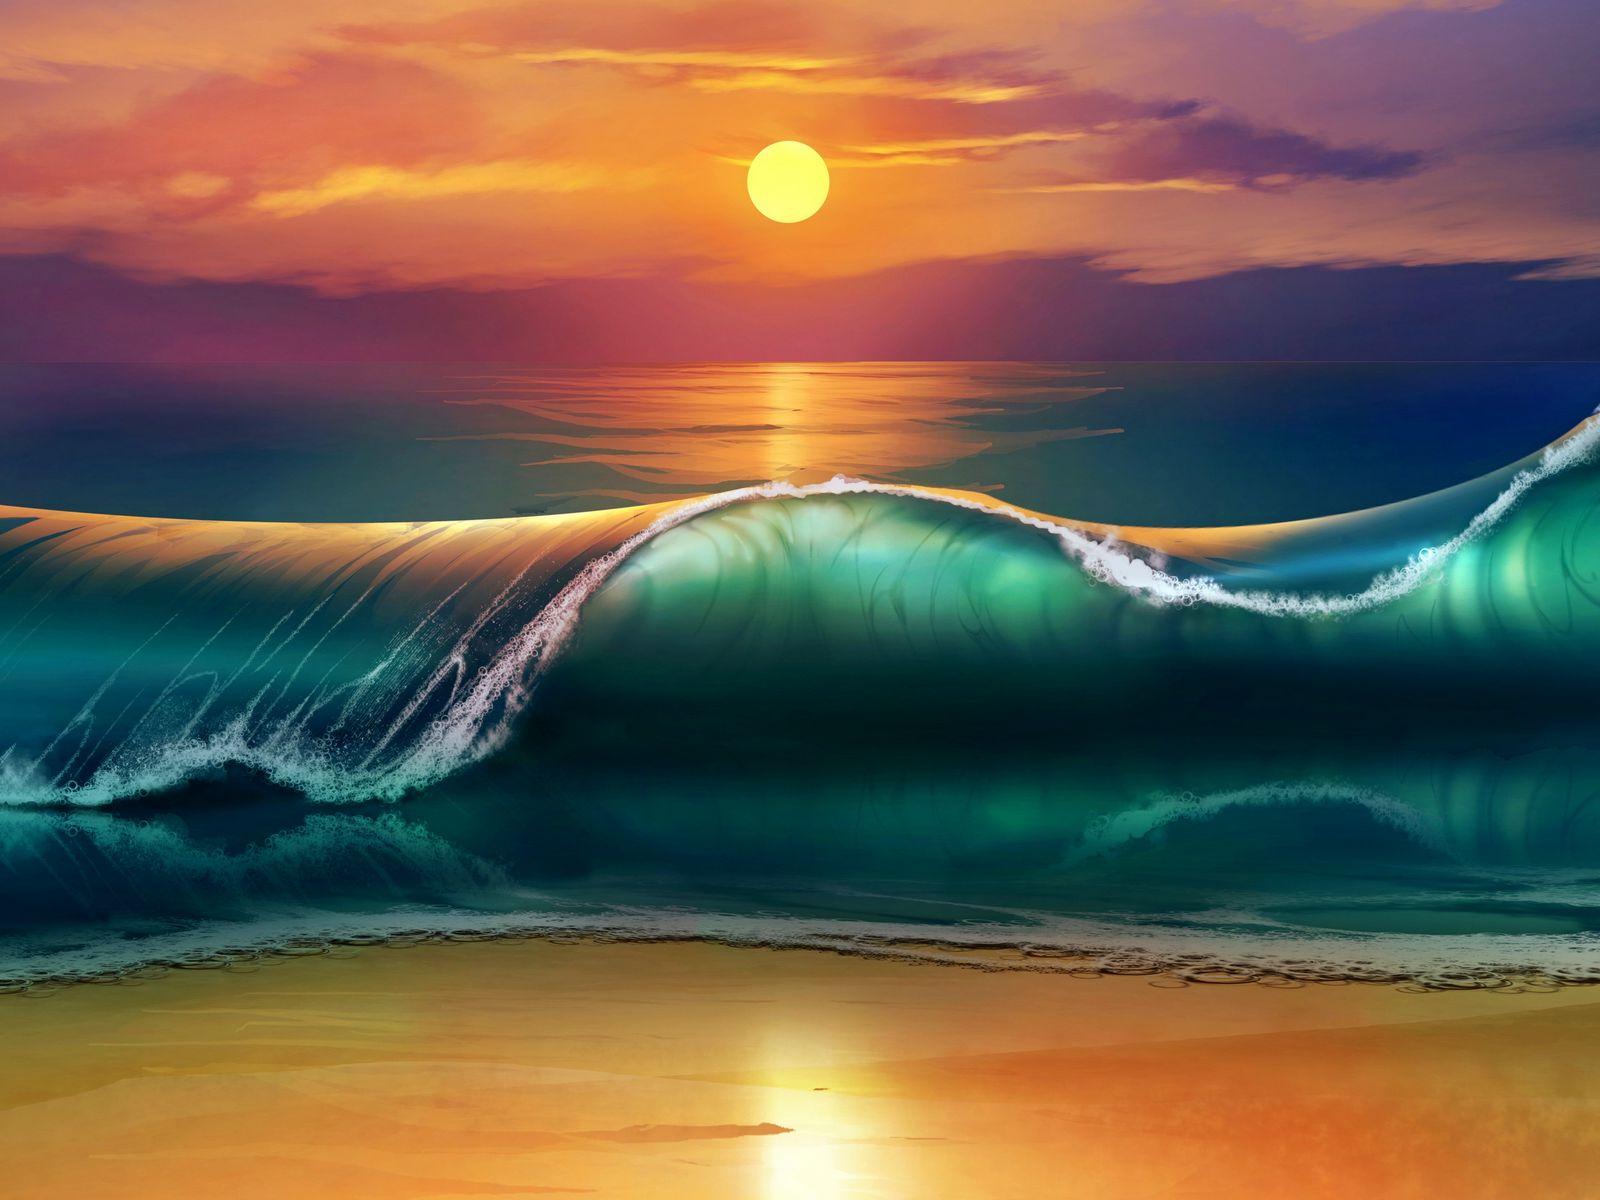 1600x1200 Wallpaper art, sunset, beach, sea, waves